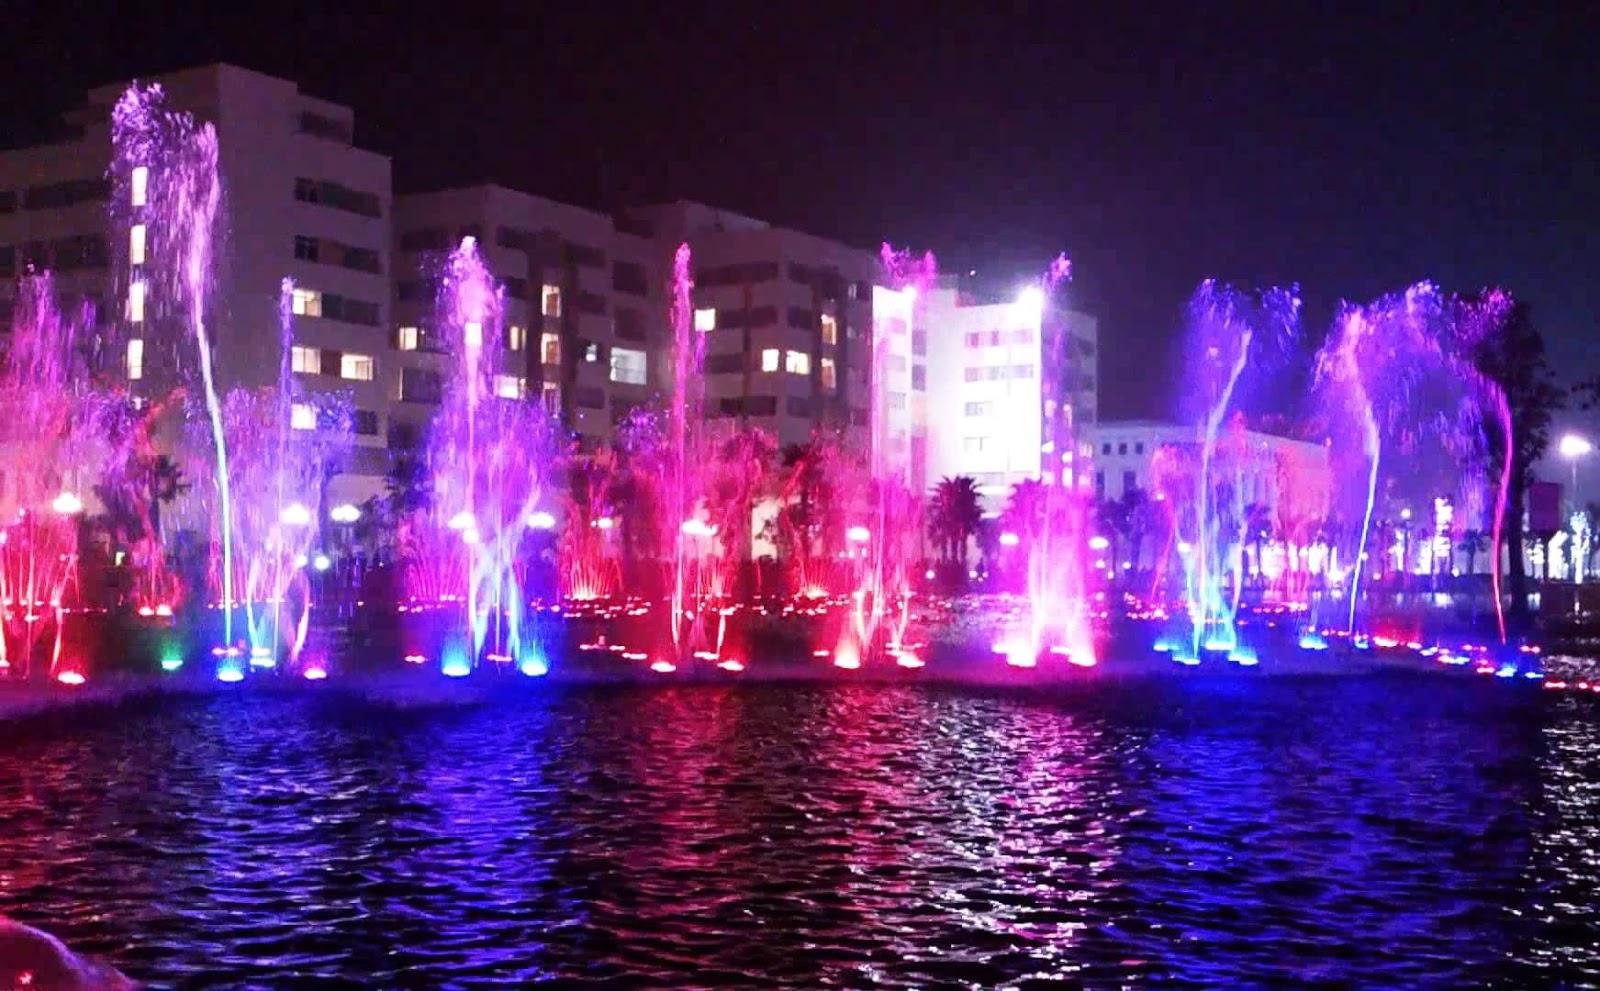 Ngắm nhìn nhạc nước tại khu Times City Minh Khai